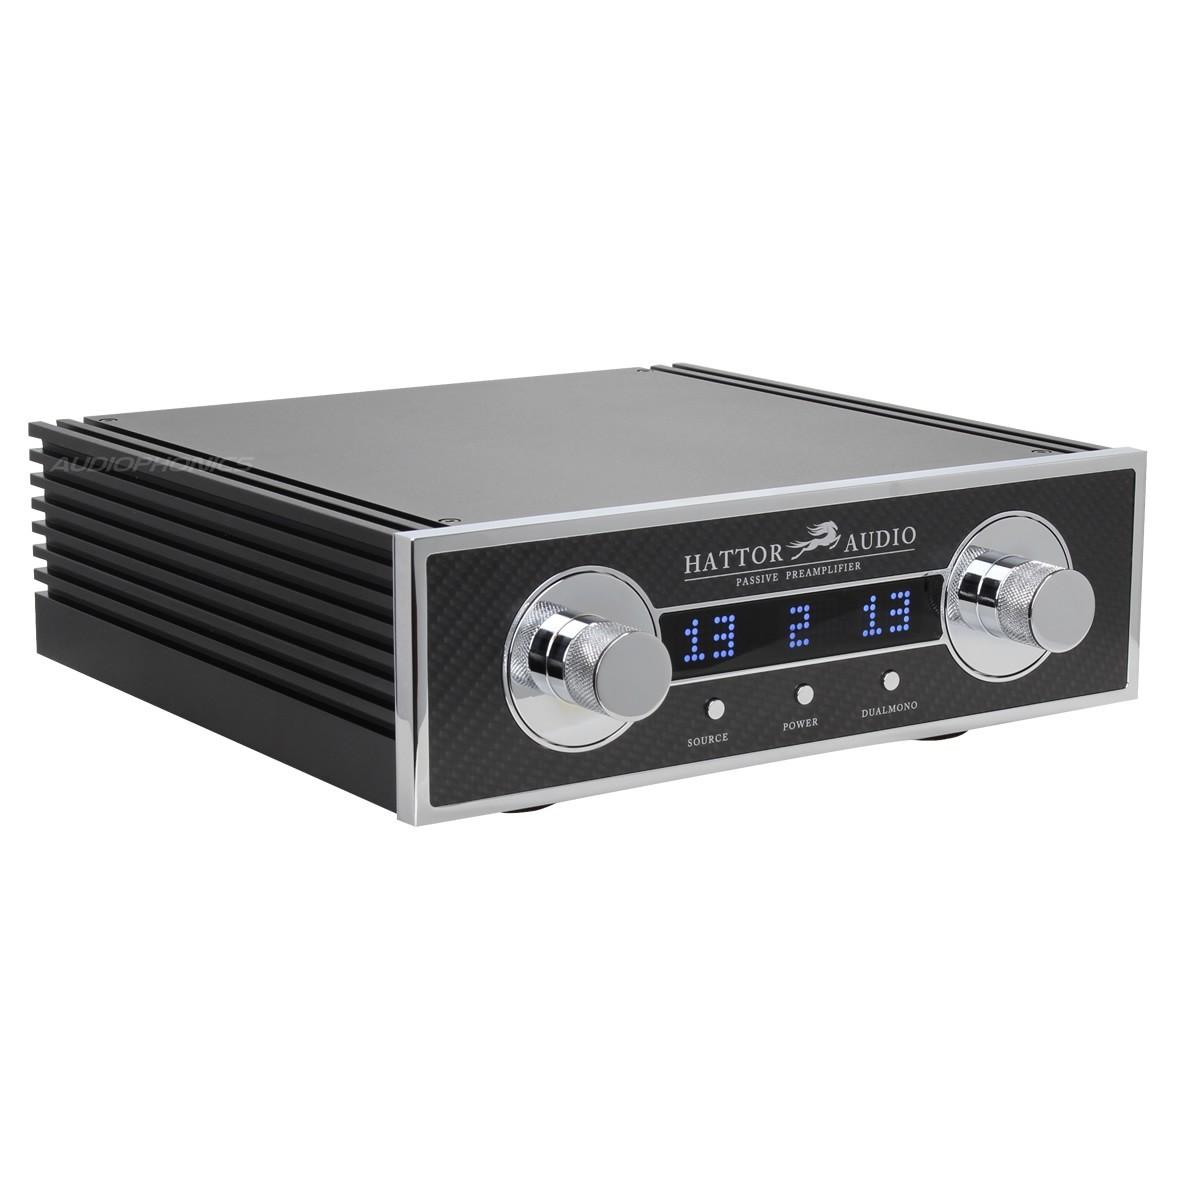 HATTOR AUDIO XLR Passive remote Preamplifier with Shunt Attenuator